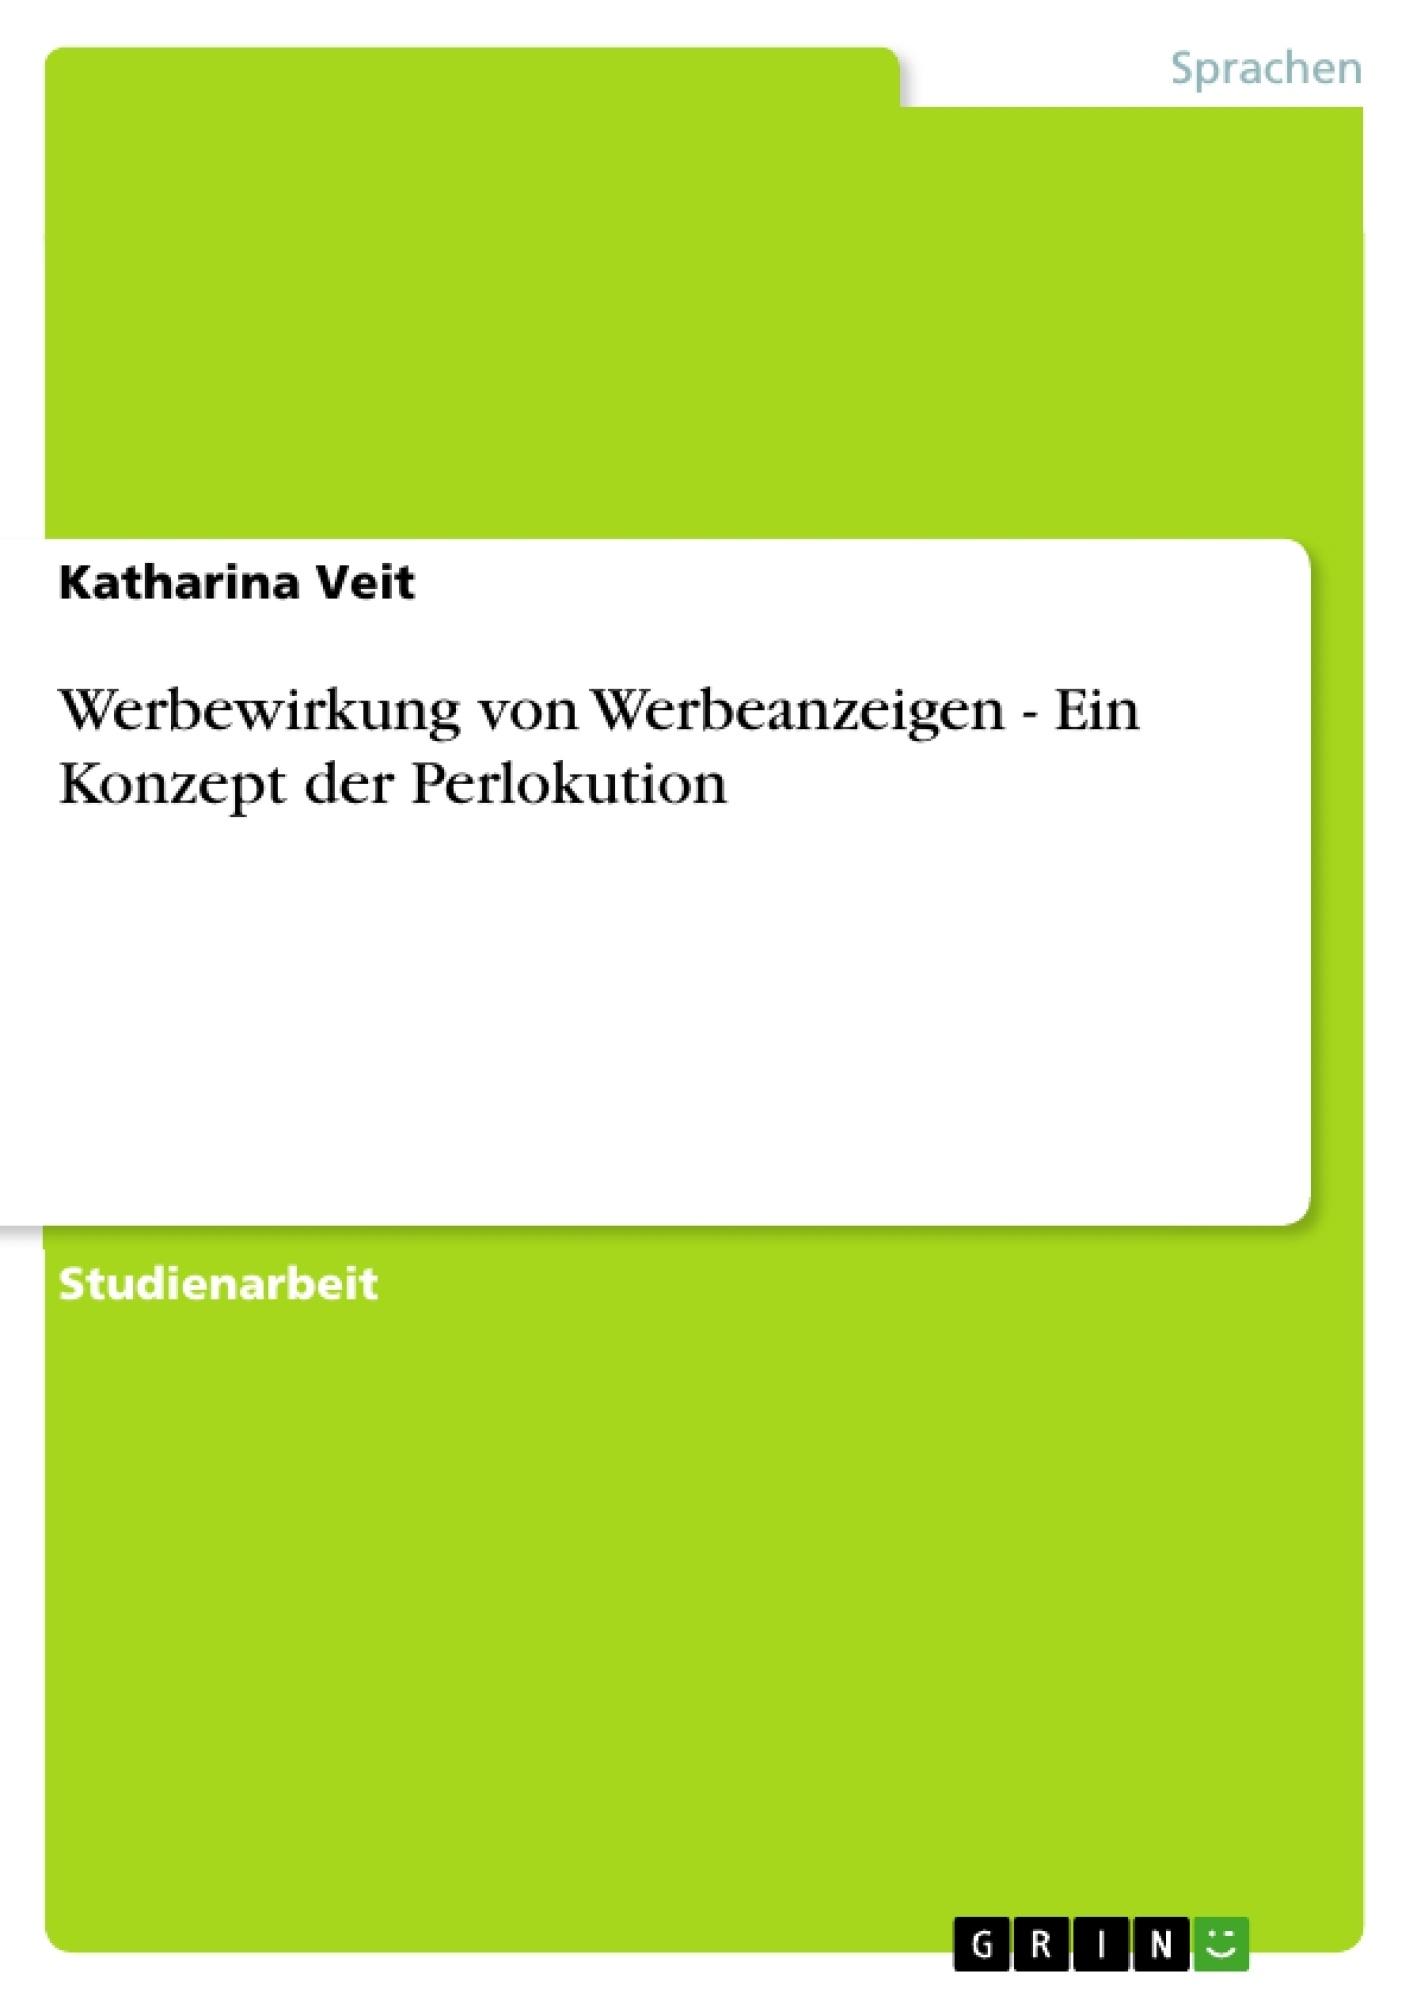 Titel: Werbewirkung von Werbeanzeigen - Ein Konzept der Perlokution